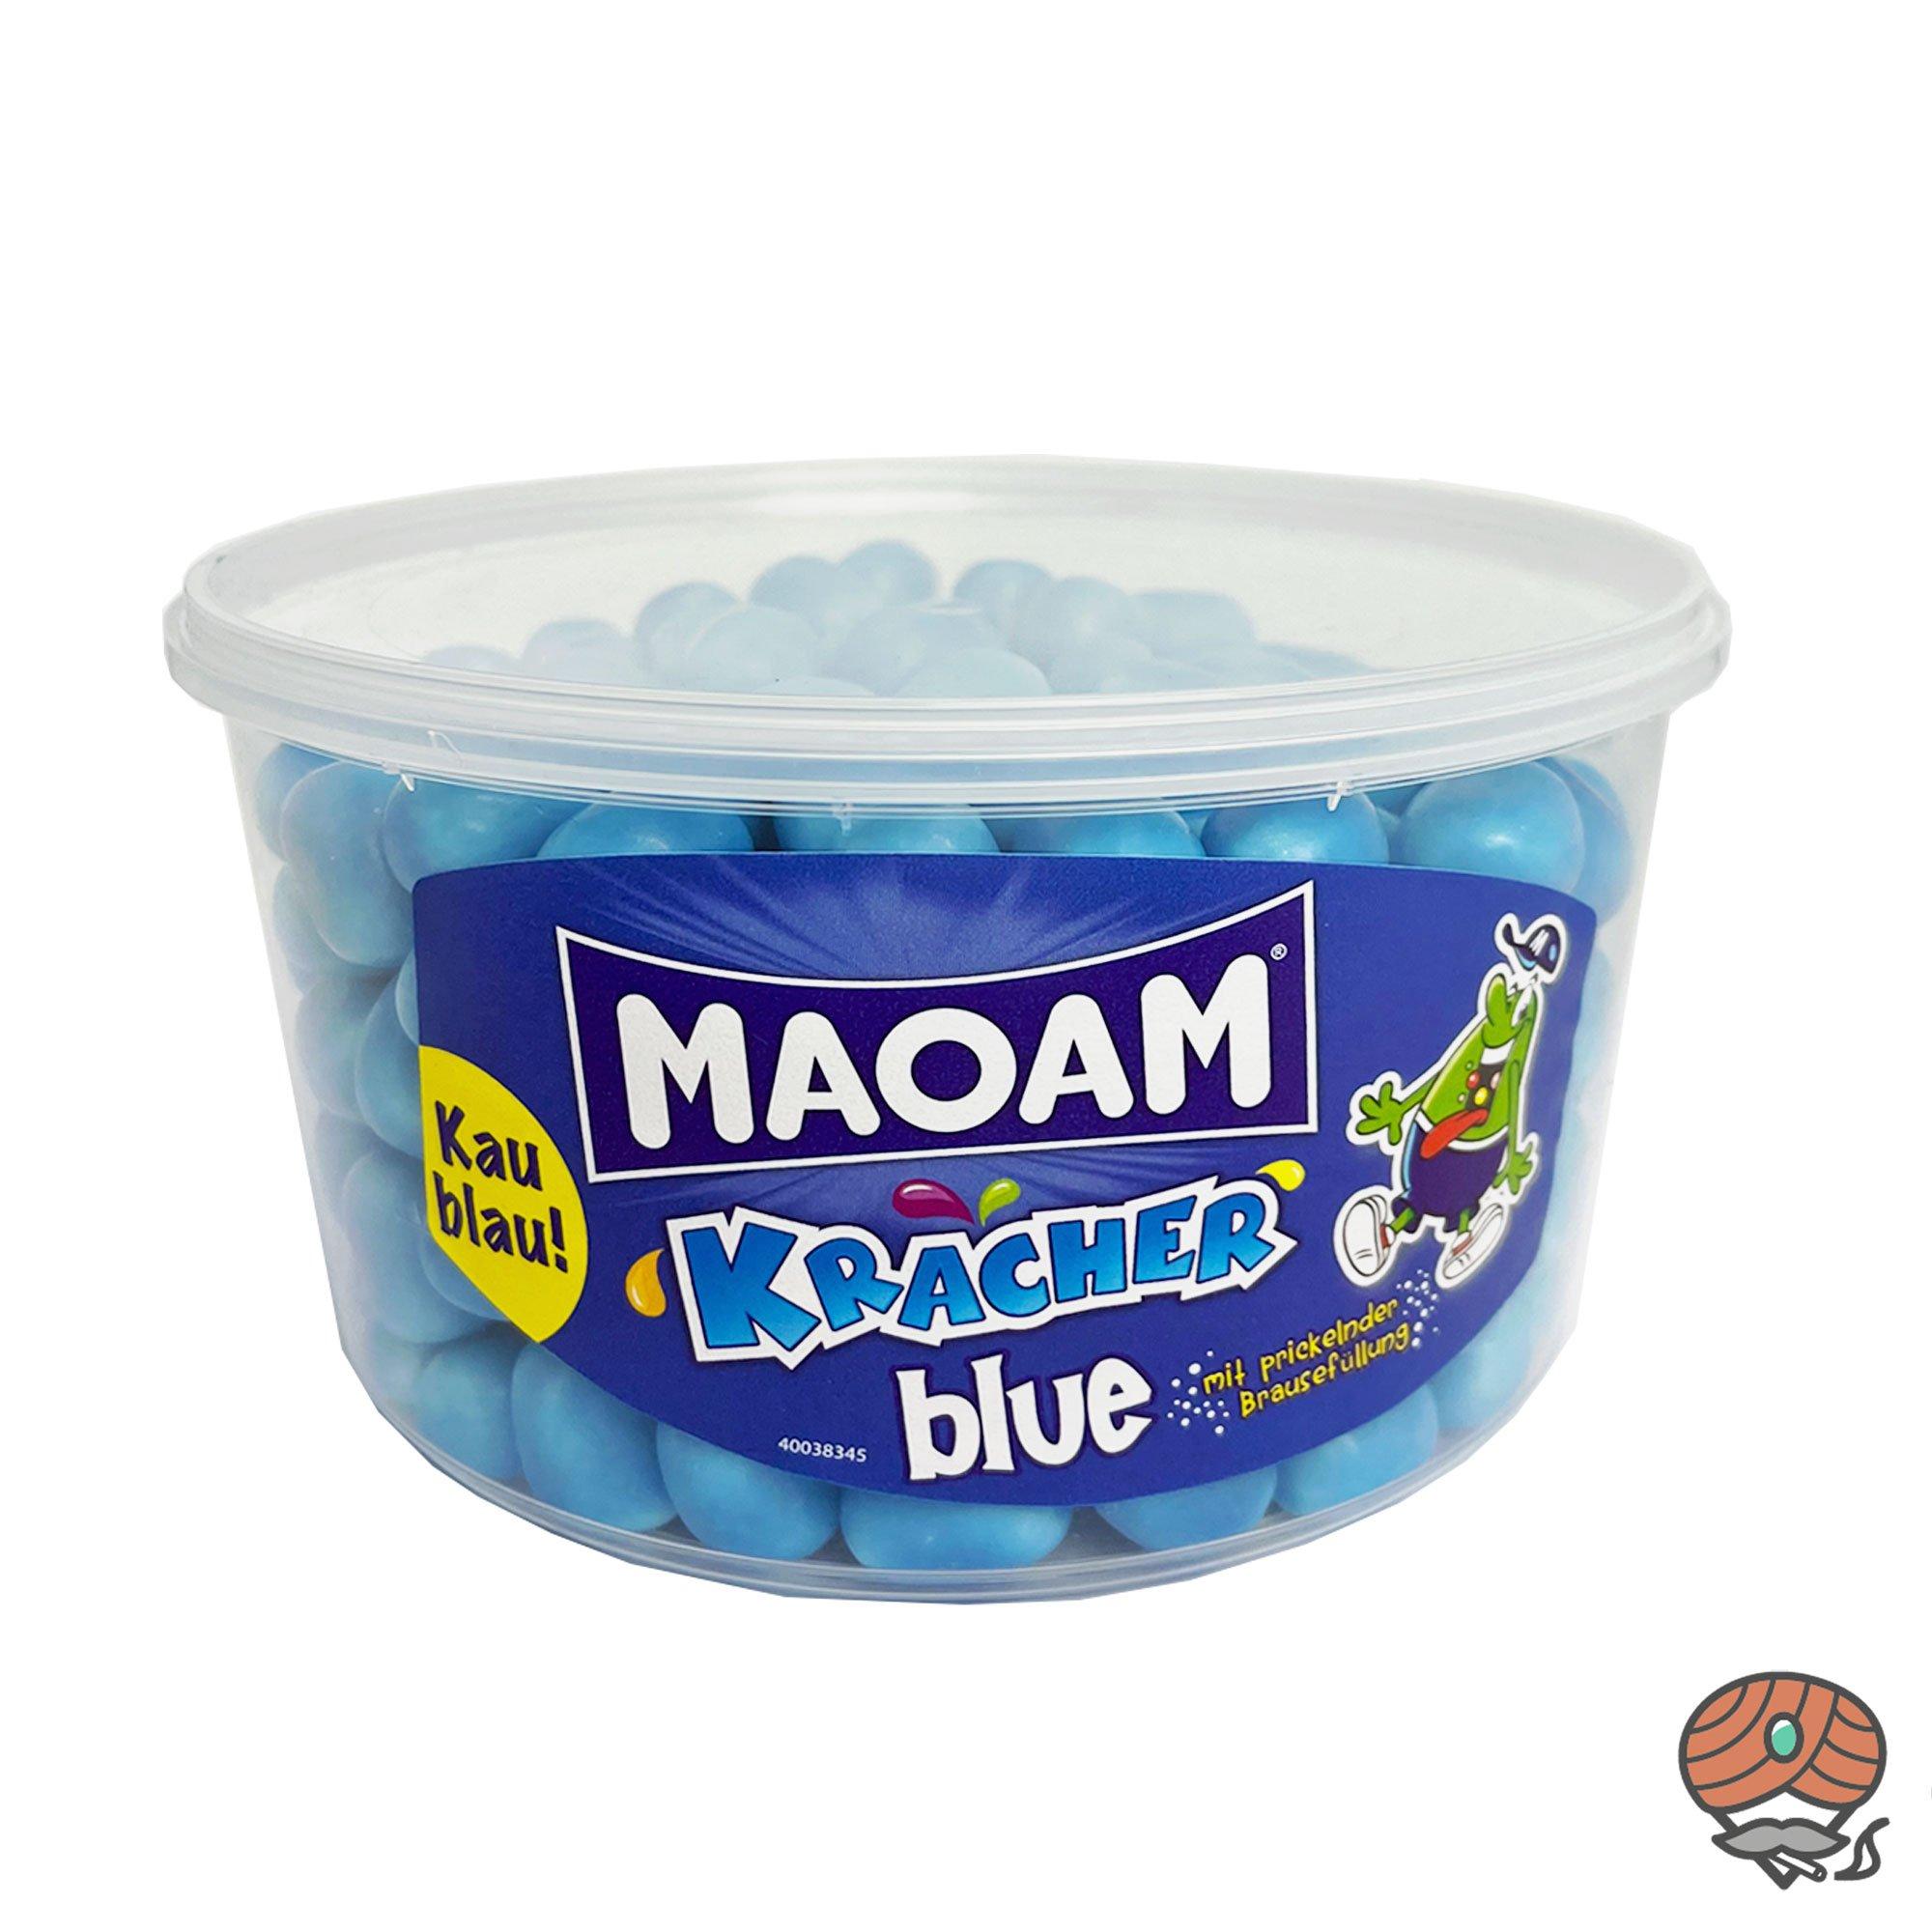 MAOAM Kracher blue Kaudragees mit prickelnder Brausefüllung